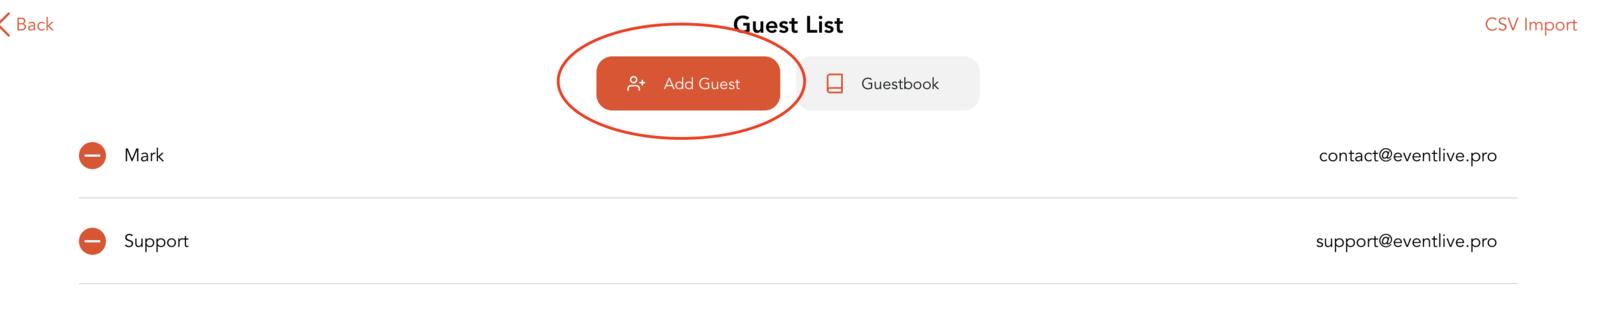 Add guest